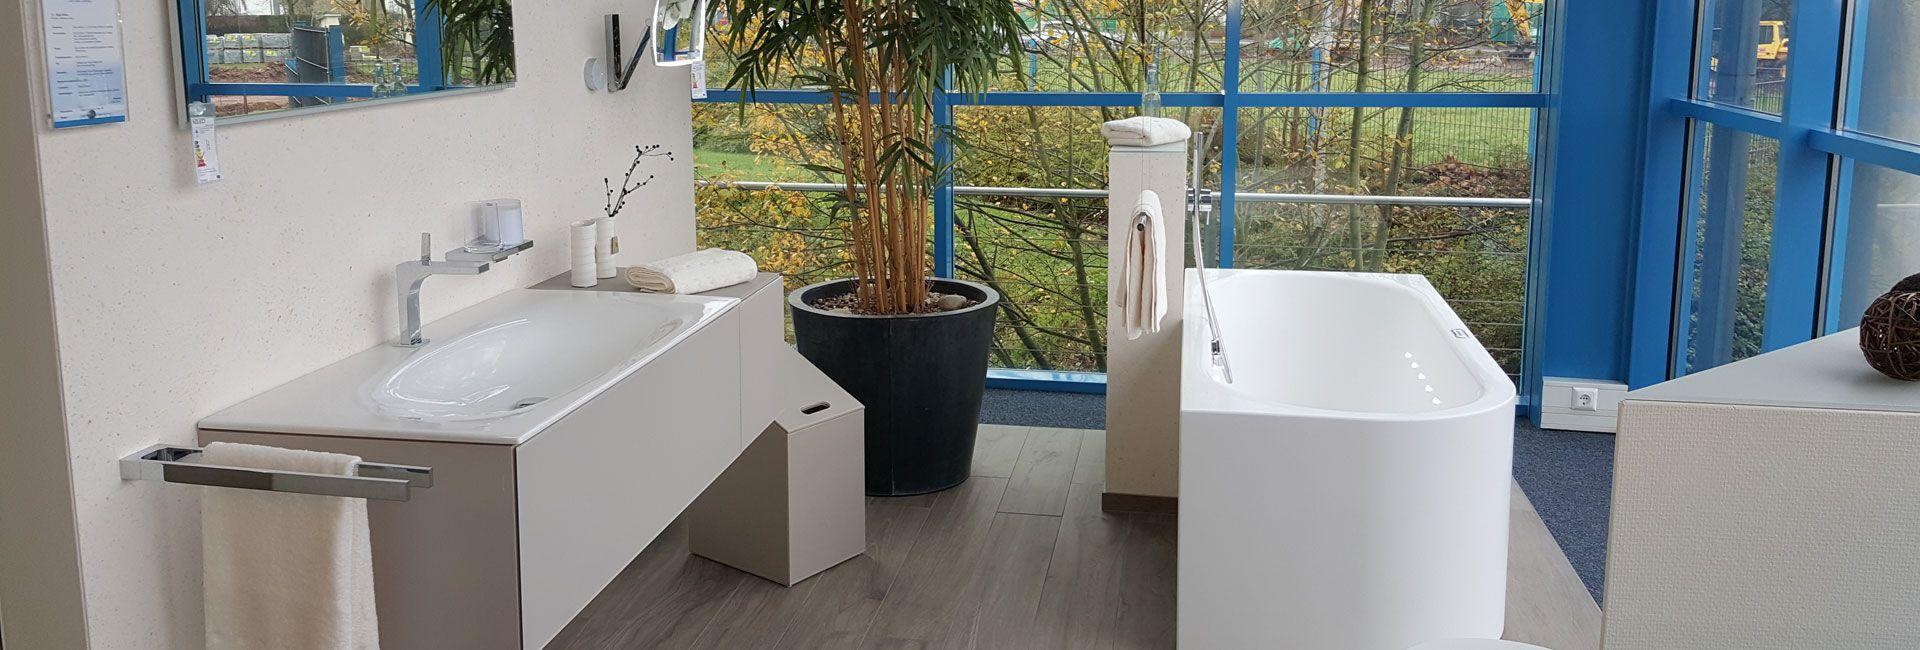 Luftungsanlage Nachrusten Badsanierung Und Heizung In Trier